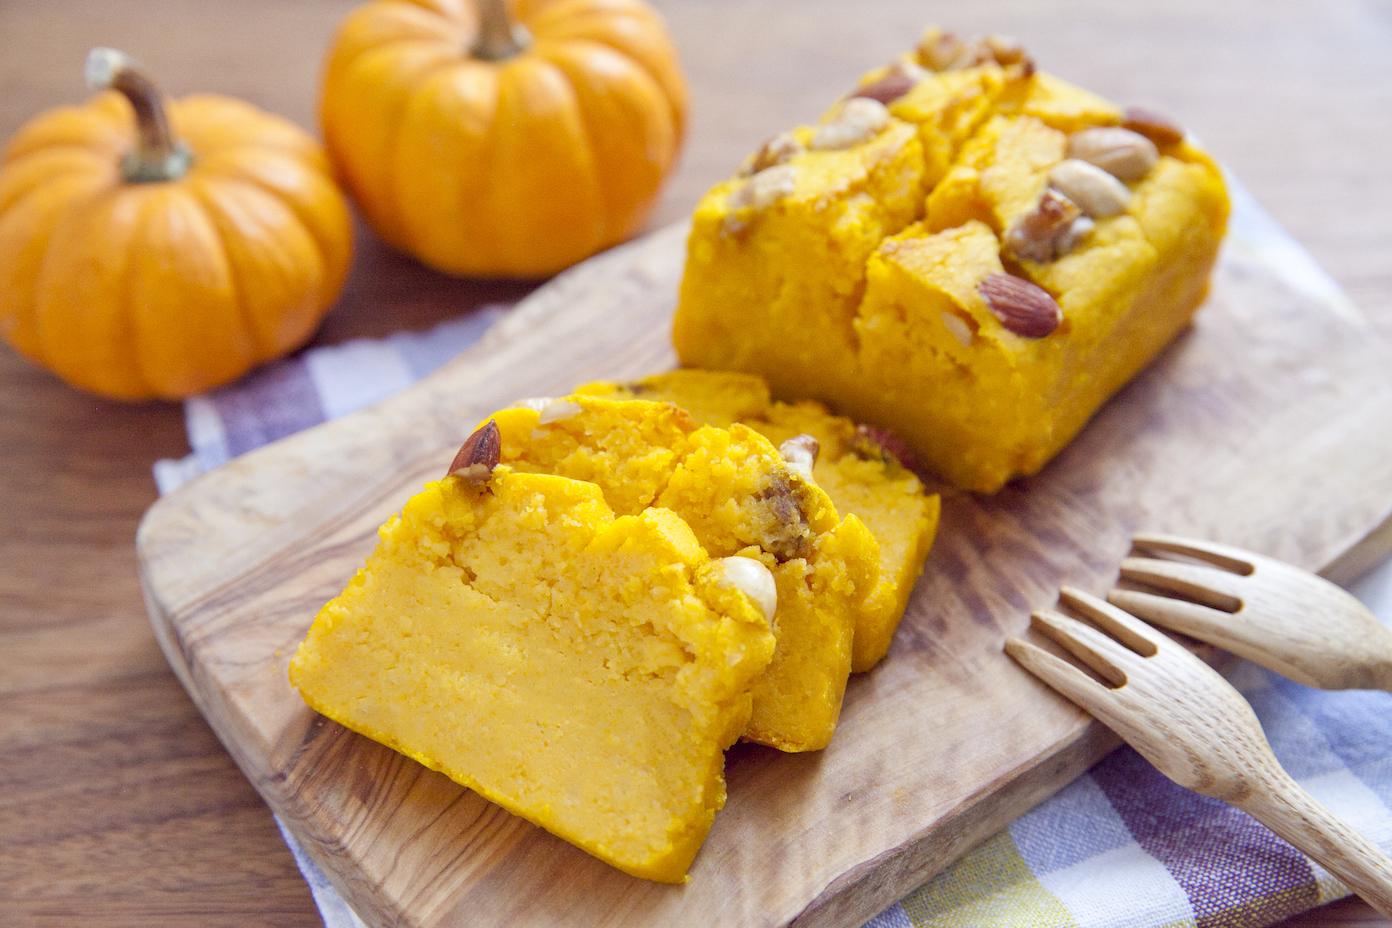 太陽のマルシェレシピ「砂糖不使用!坂尻さんのバターナッツ濃厚